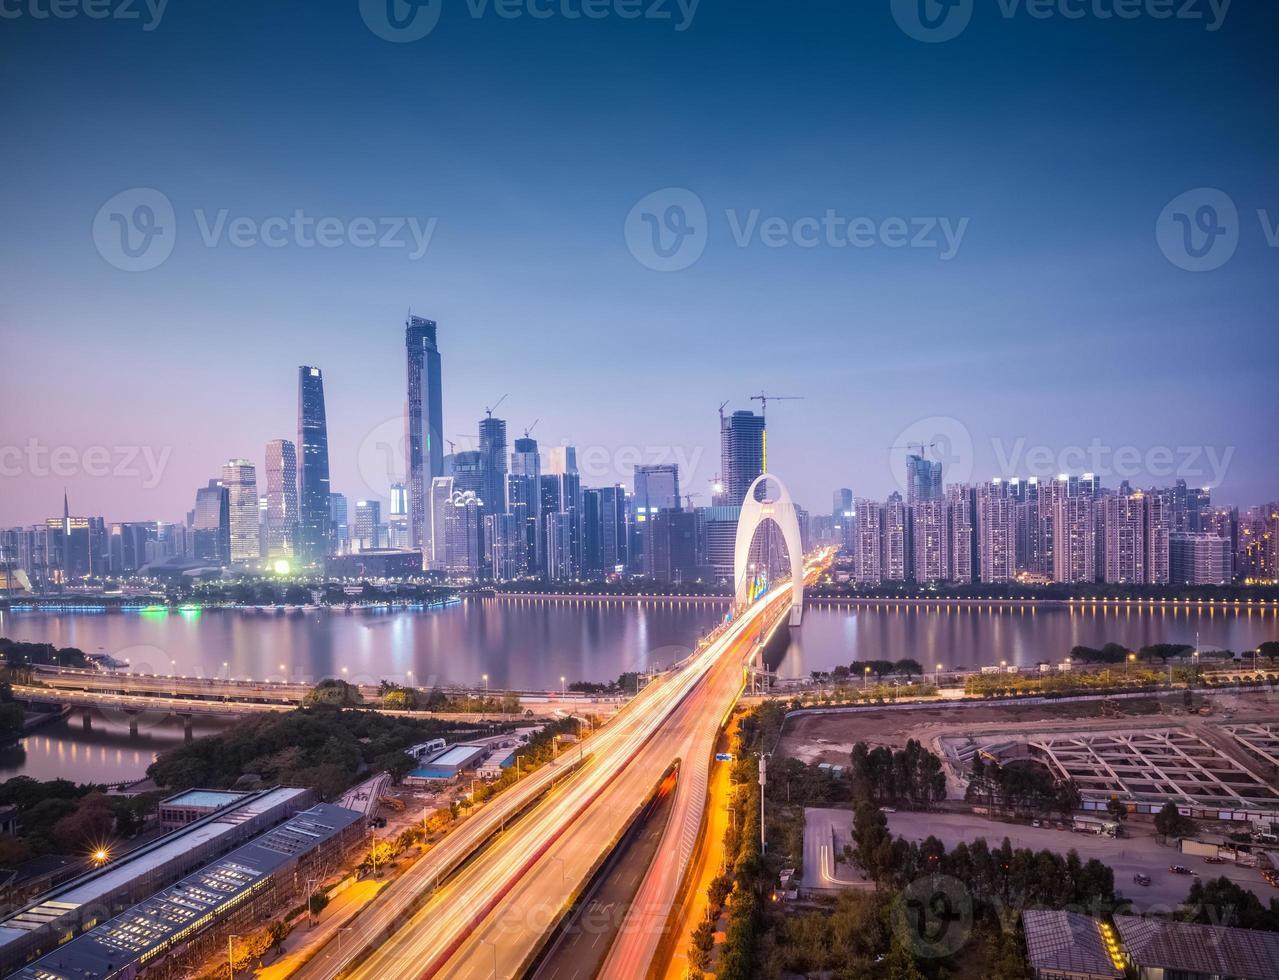 Stadtbild von Guangzhou bei Einbruch der Dunkelheit foto